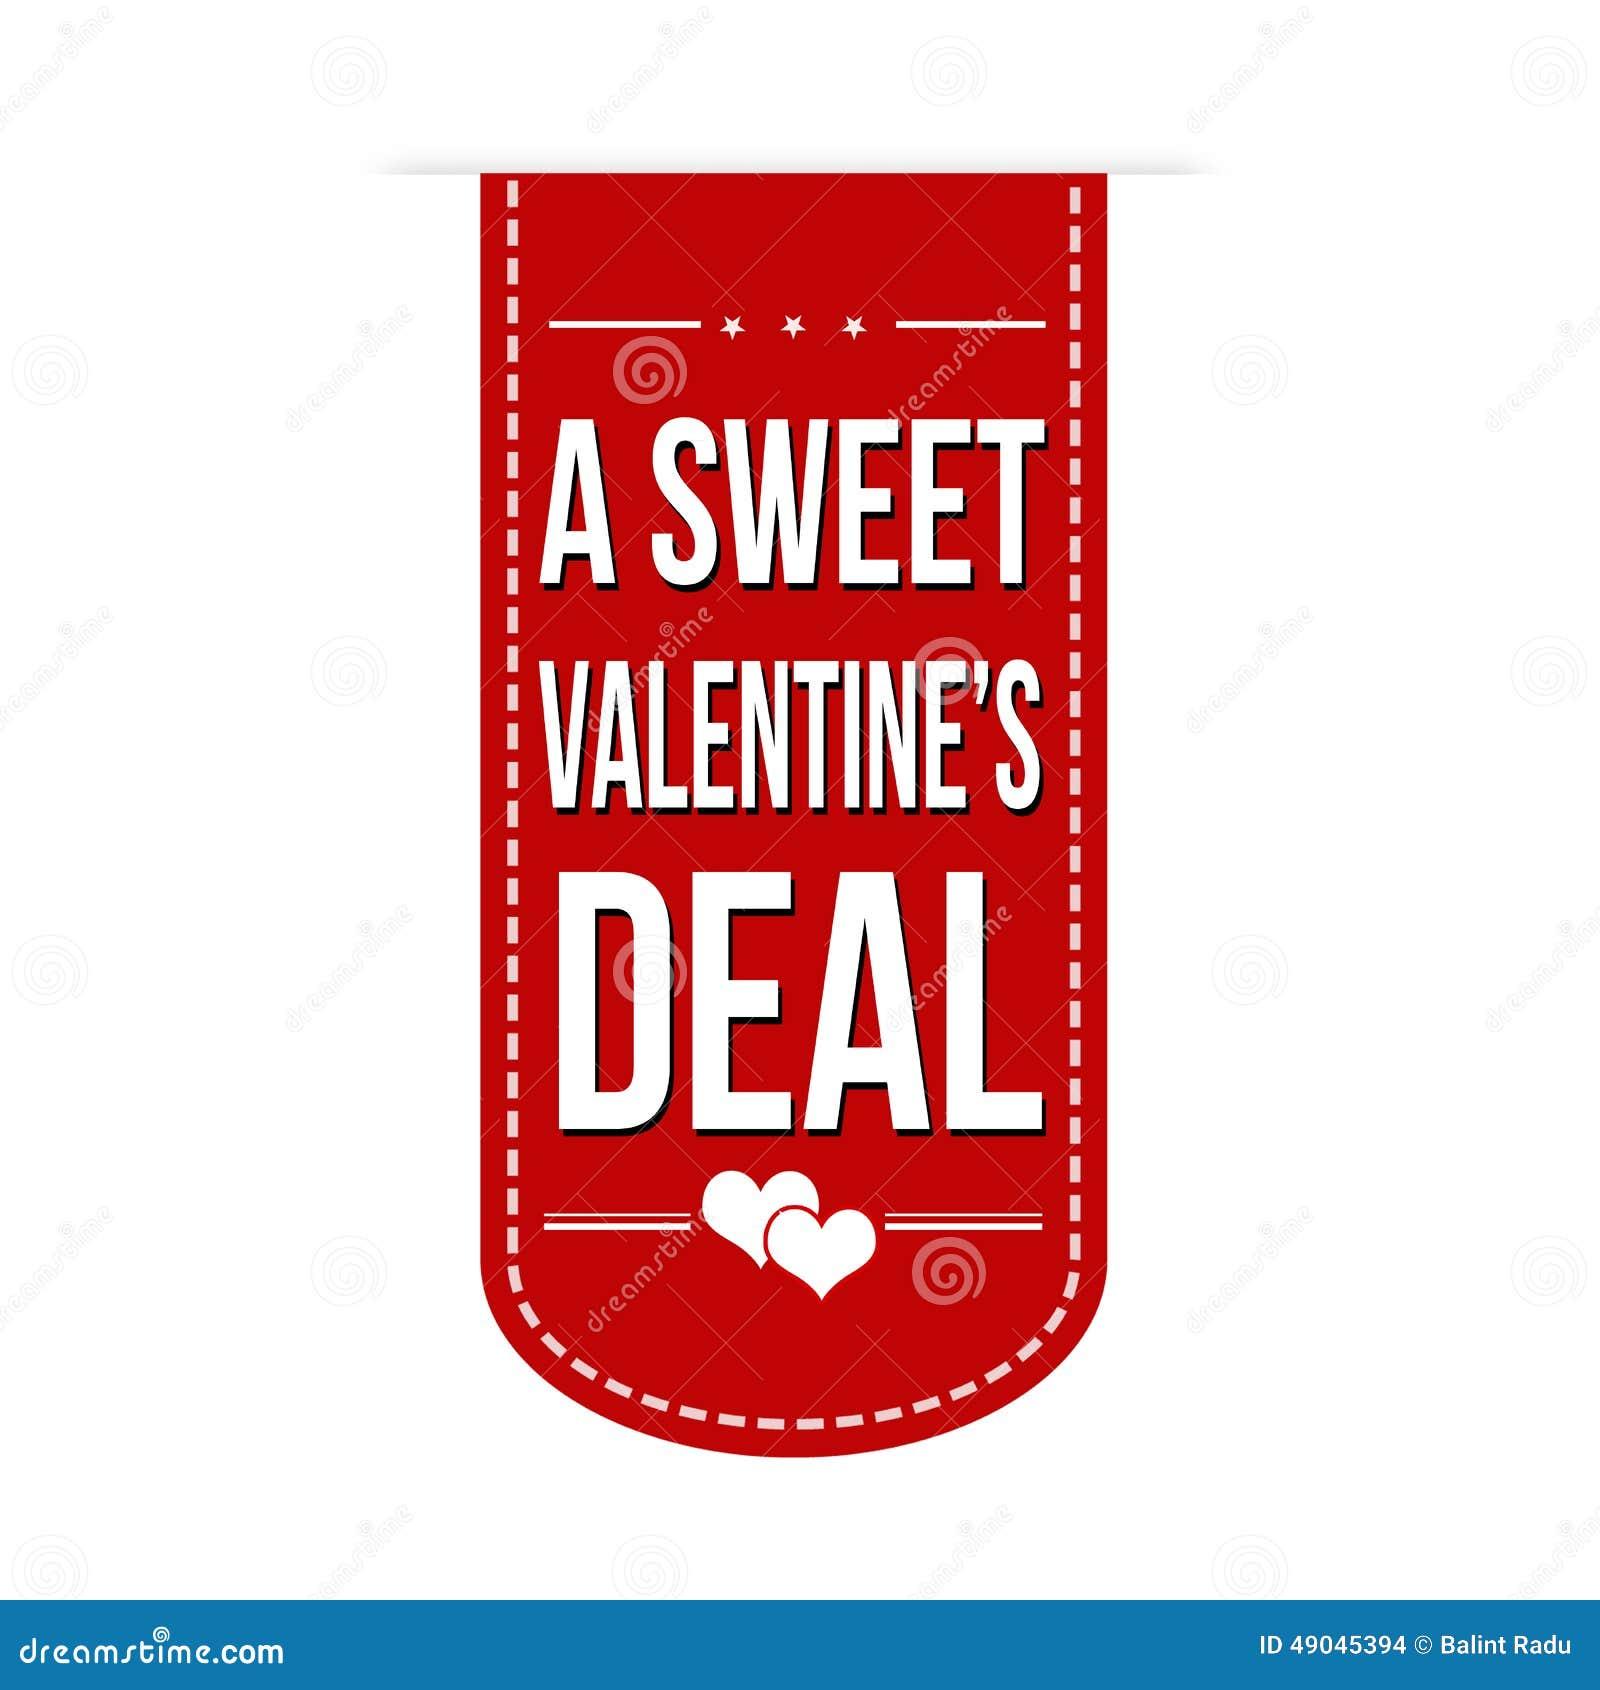 a sweet valentines deal banner - Valentine Deals